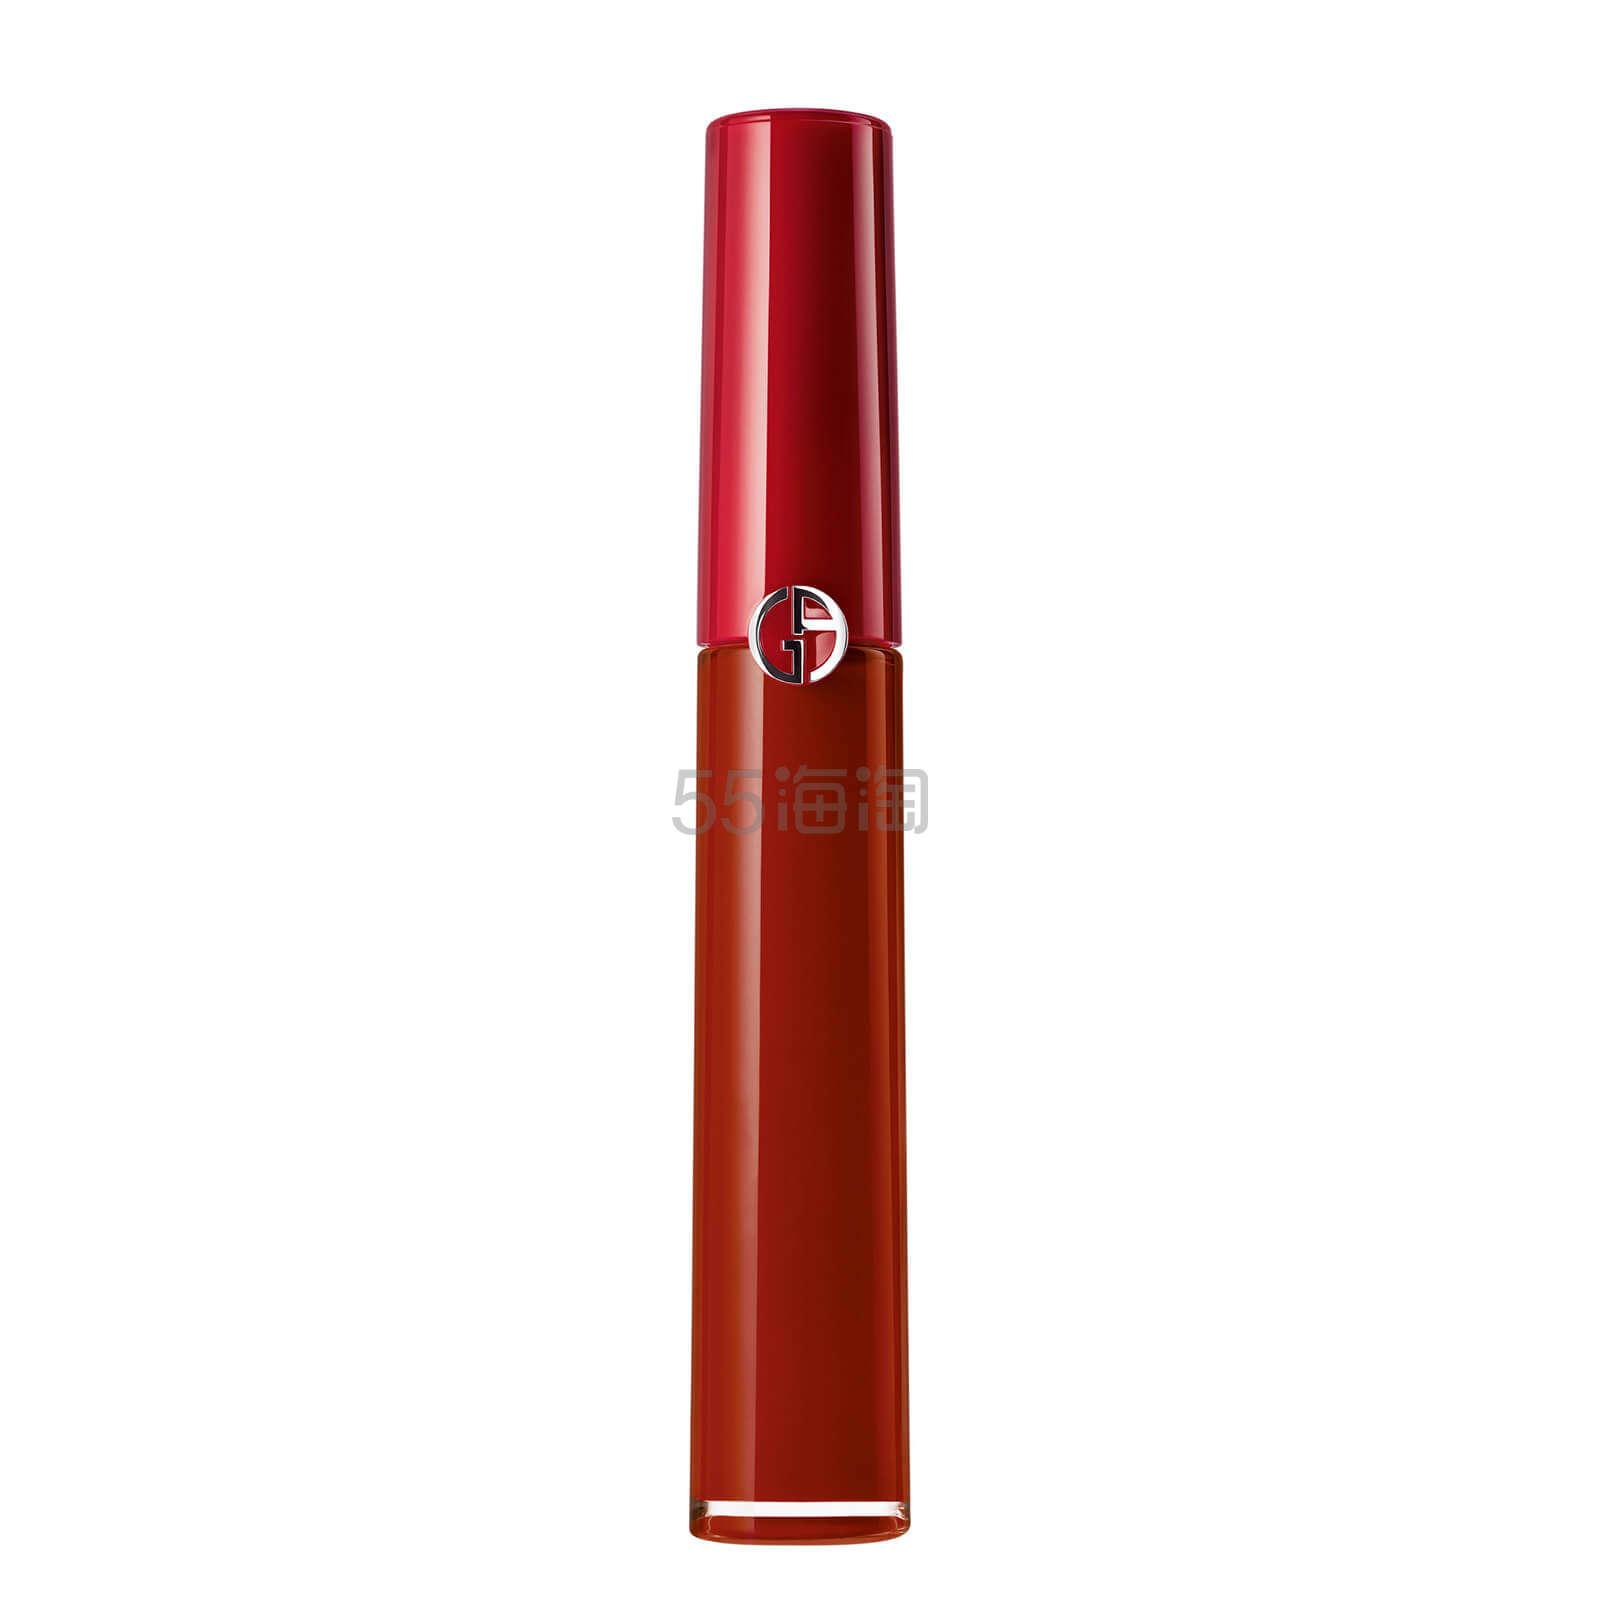 【线上7折+额外9折】Armani 红管唇釉 405